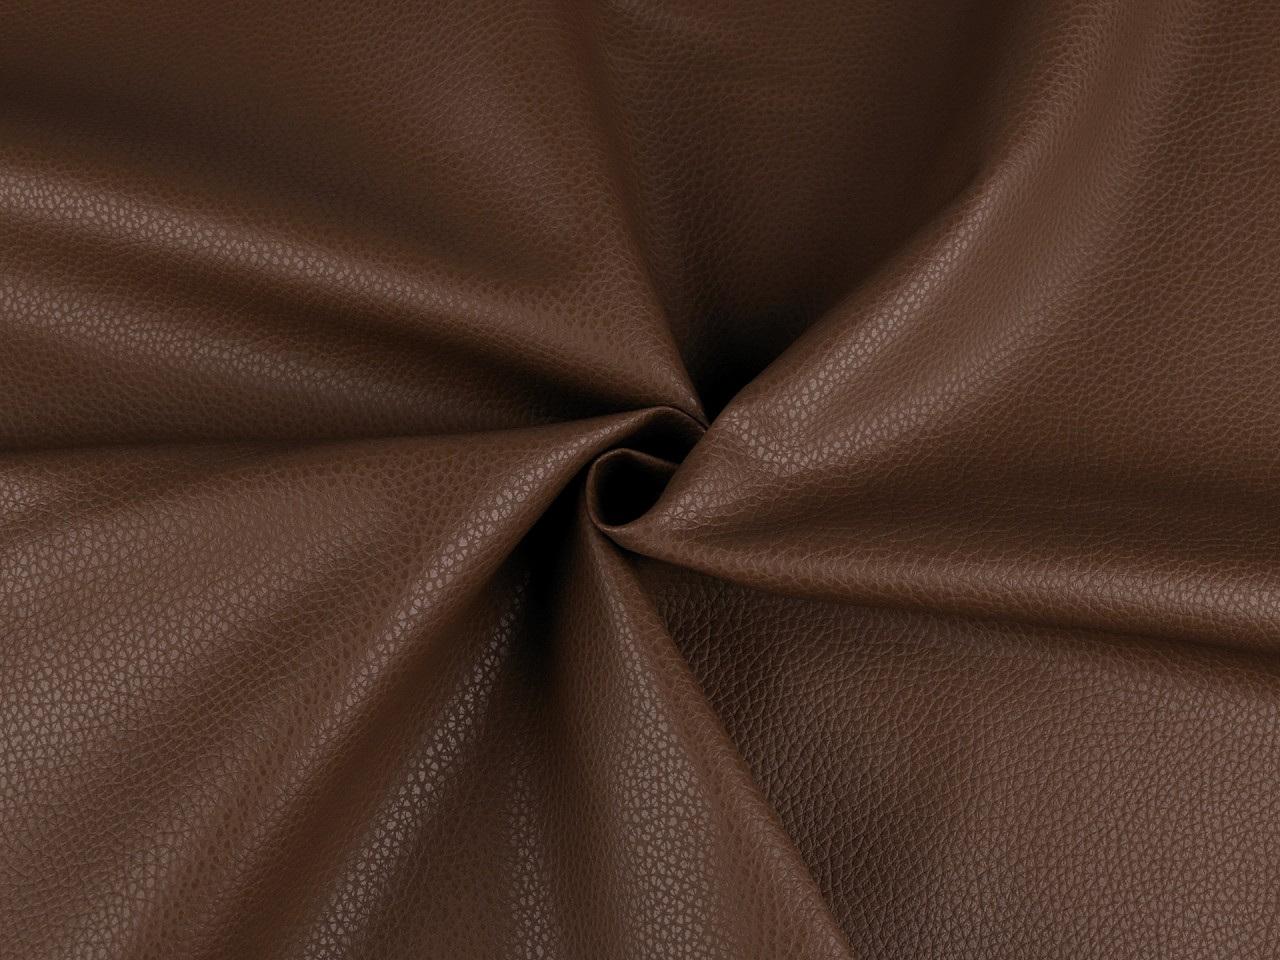 Koženka pro módní doplňky, barva 19 (6) - 480 g/m² hnědá